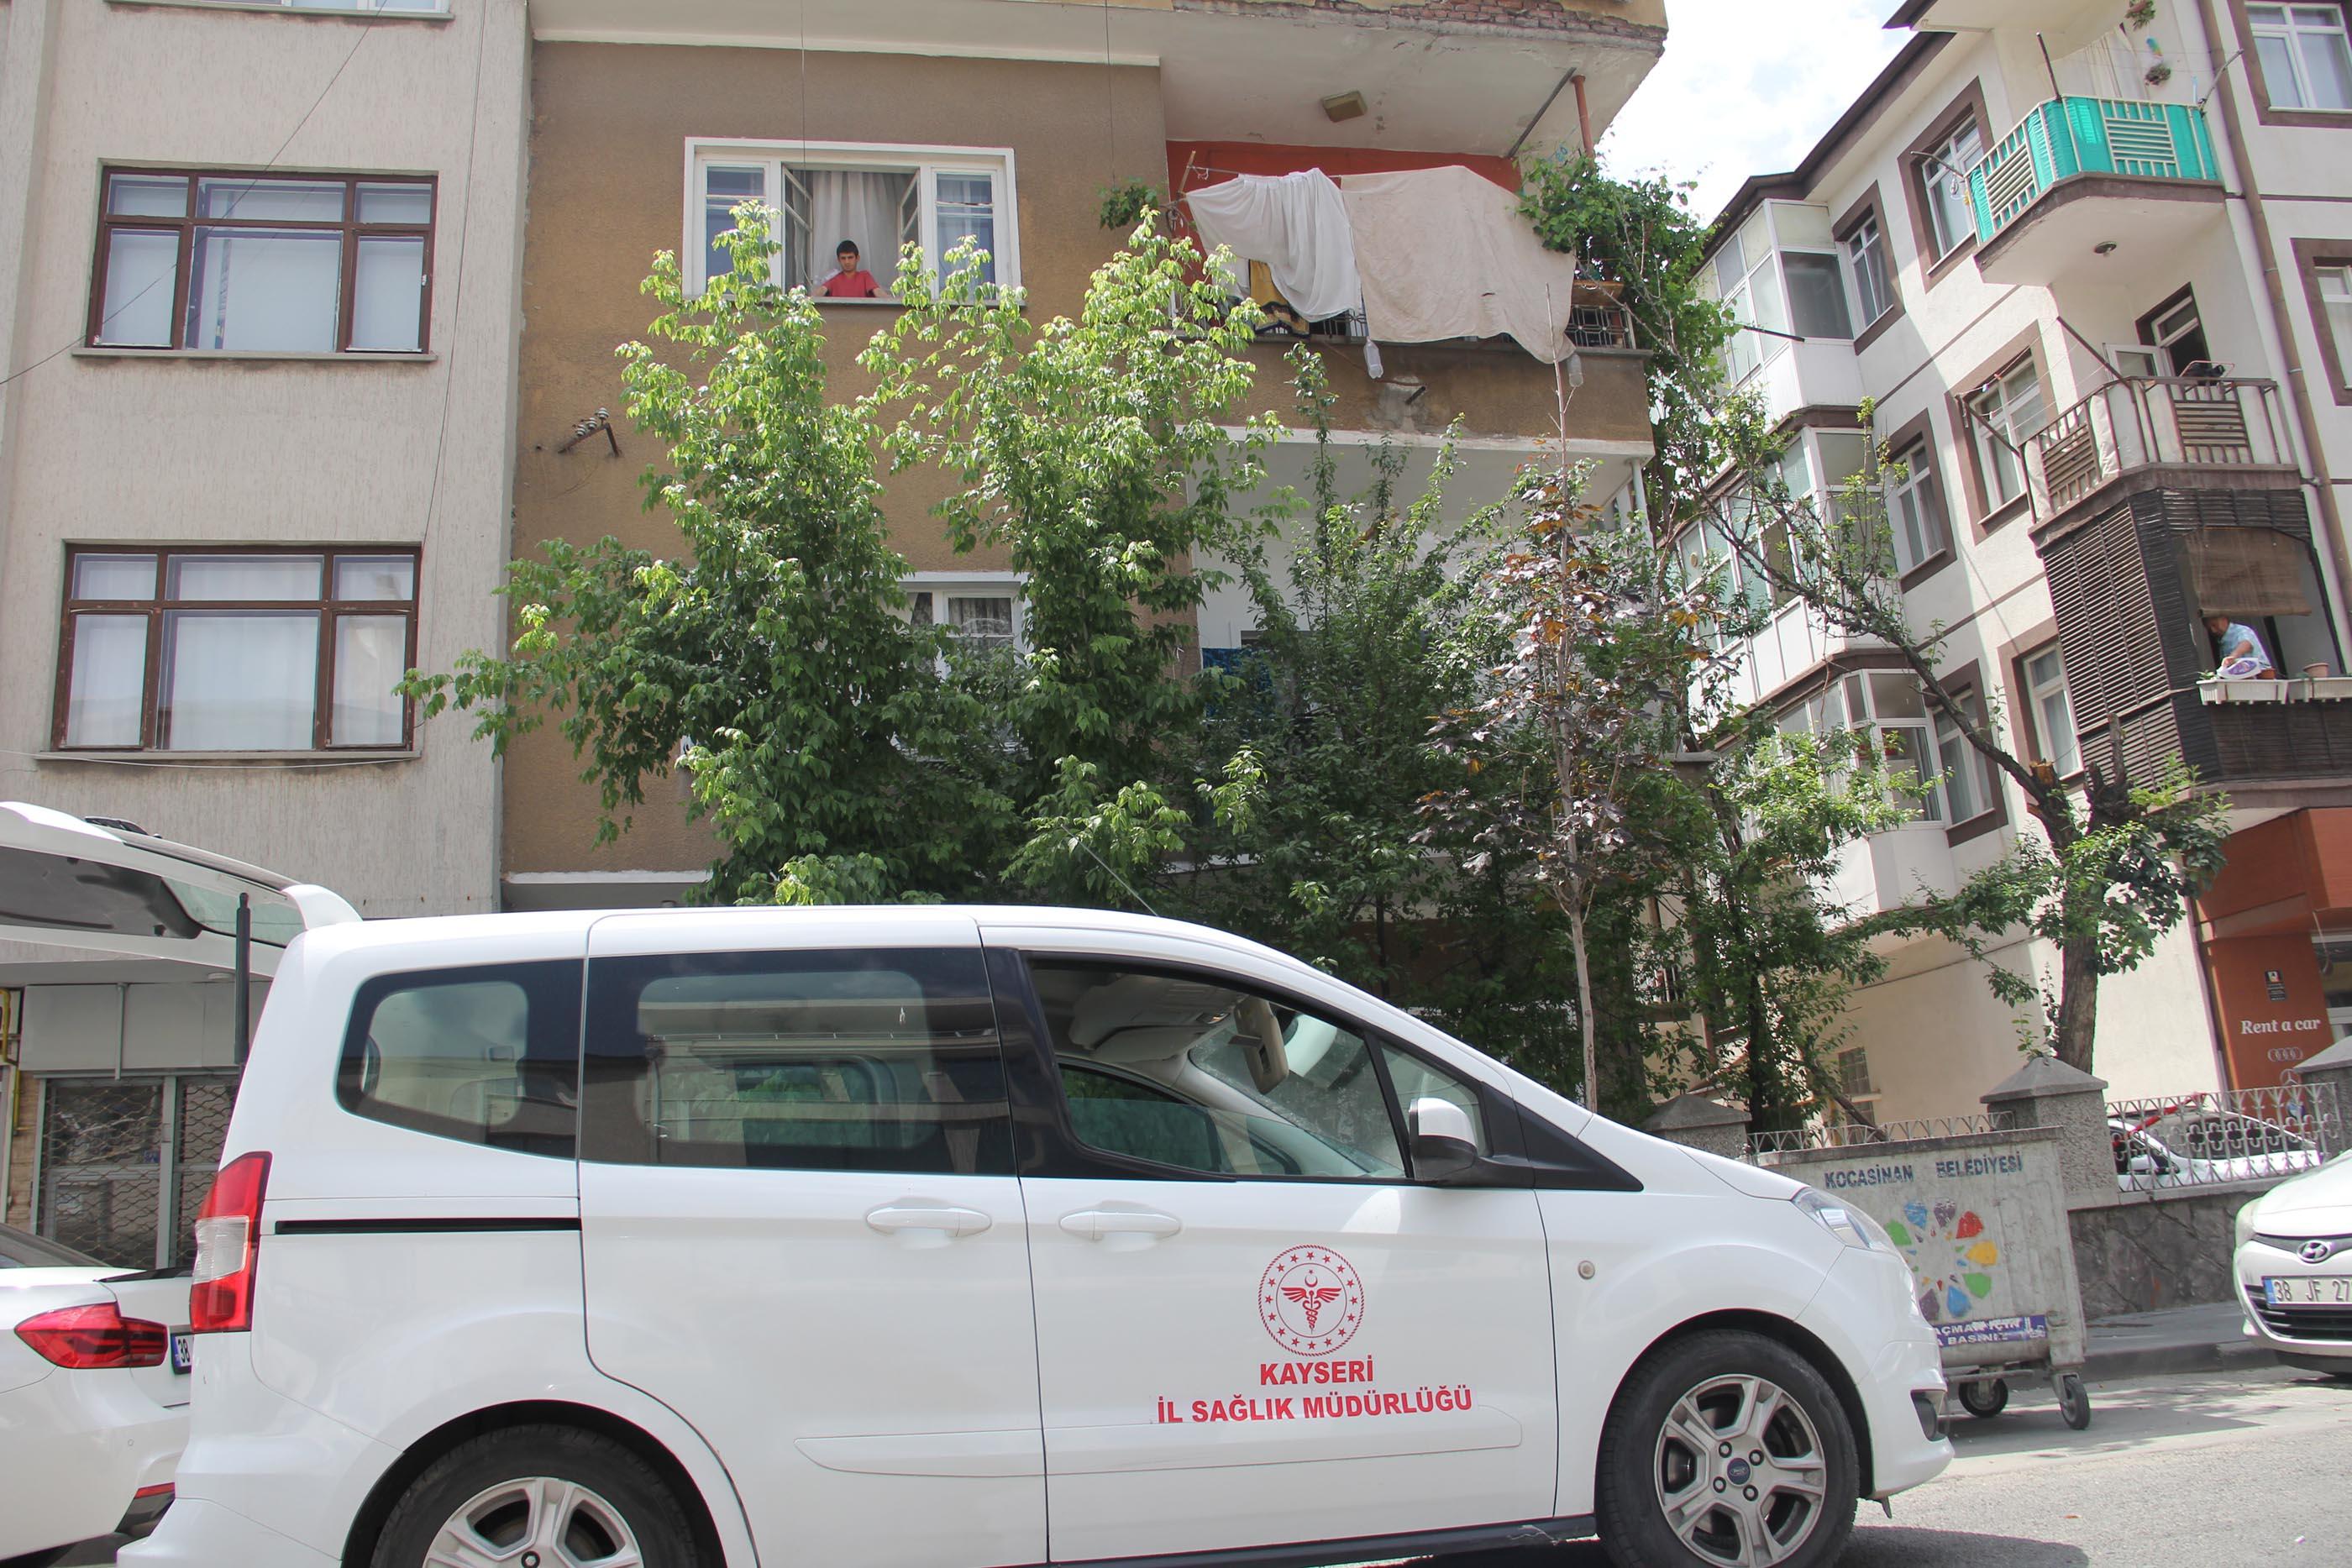 Kayseri'de, 3 katlı apartman  karantinaya alındı